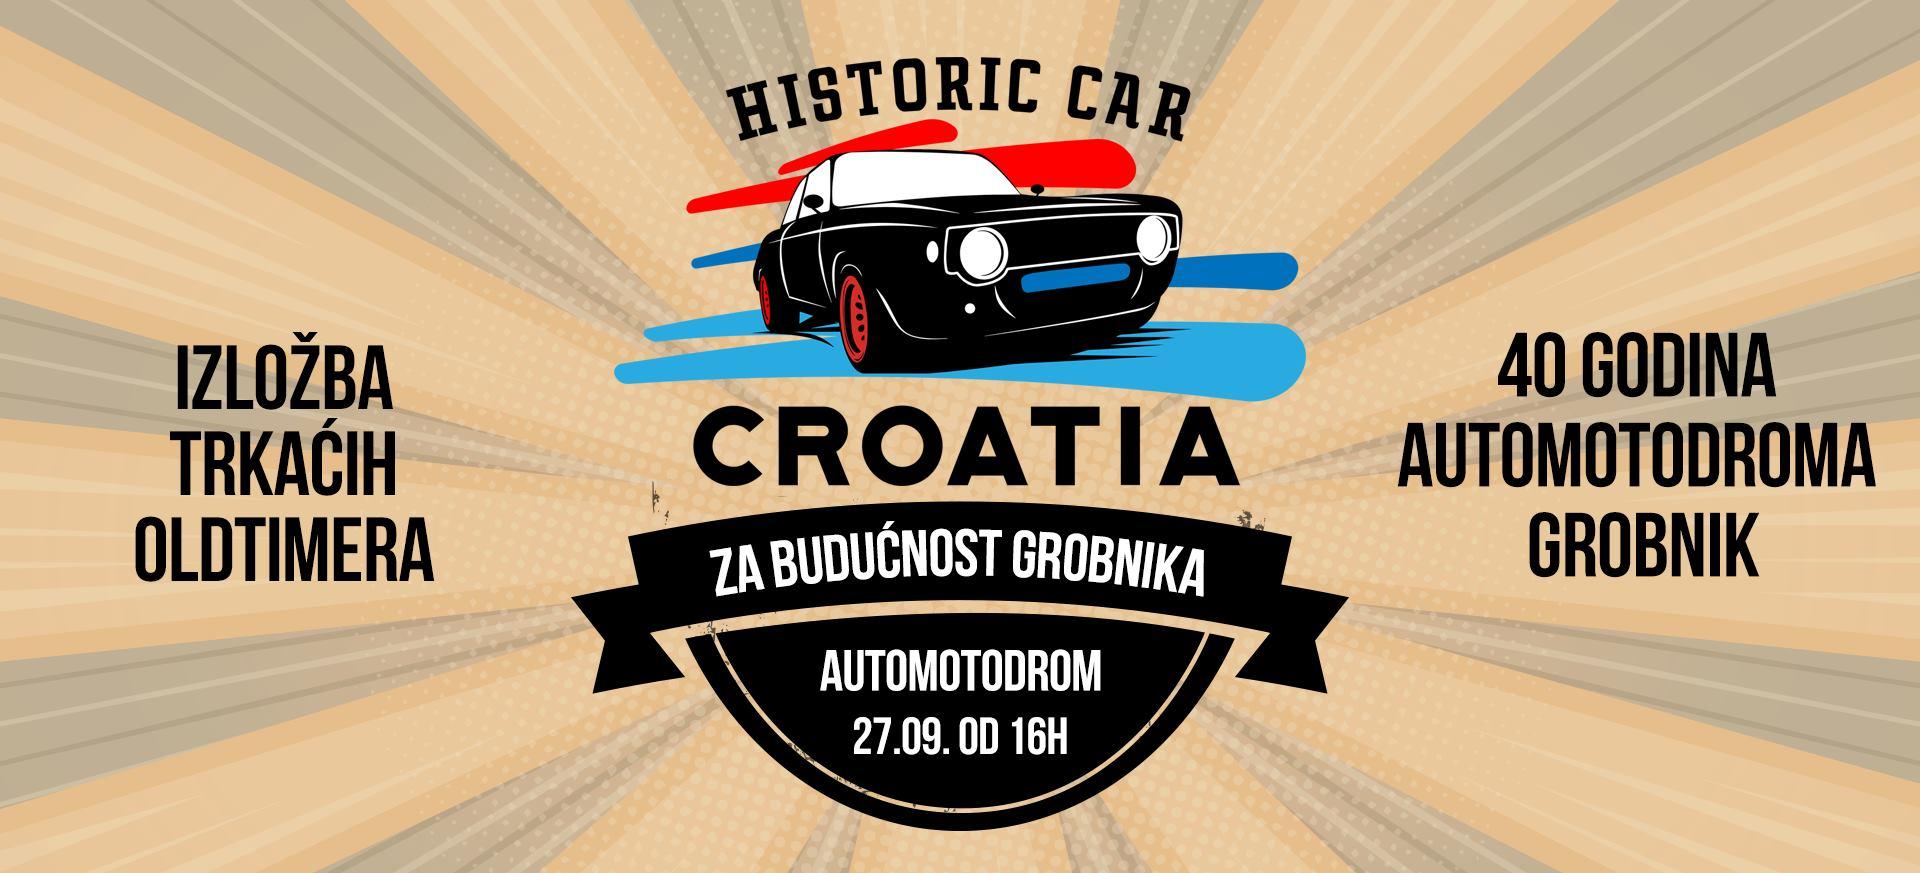 Historic Racing Car Croatia tim na Grobniku povodom 40. rođendana automotodroma